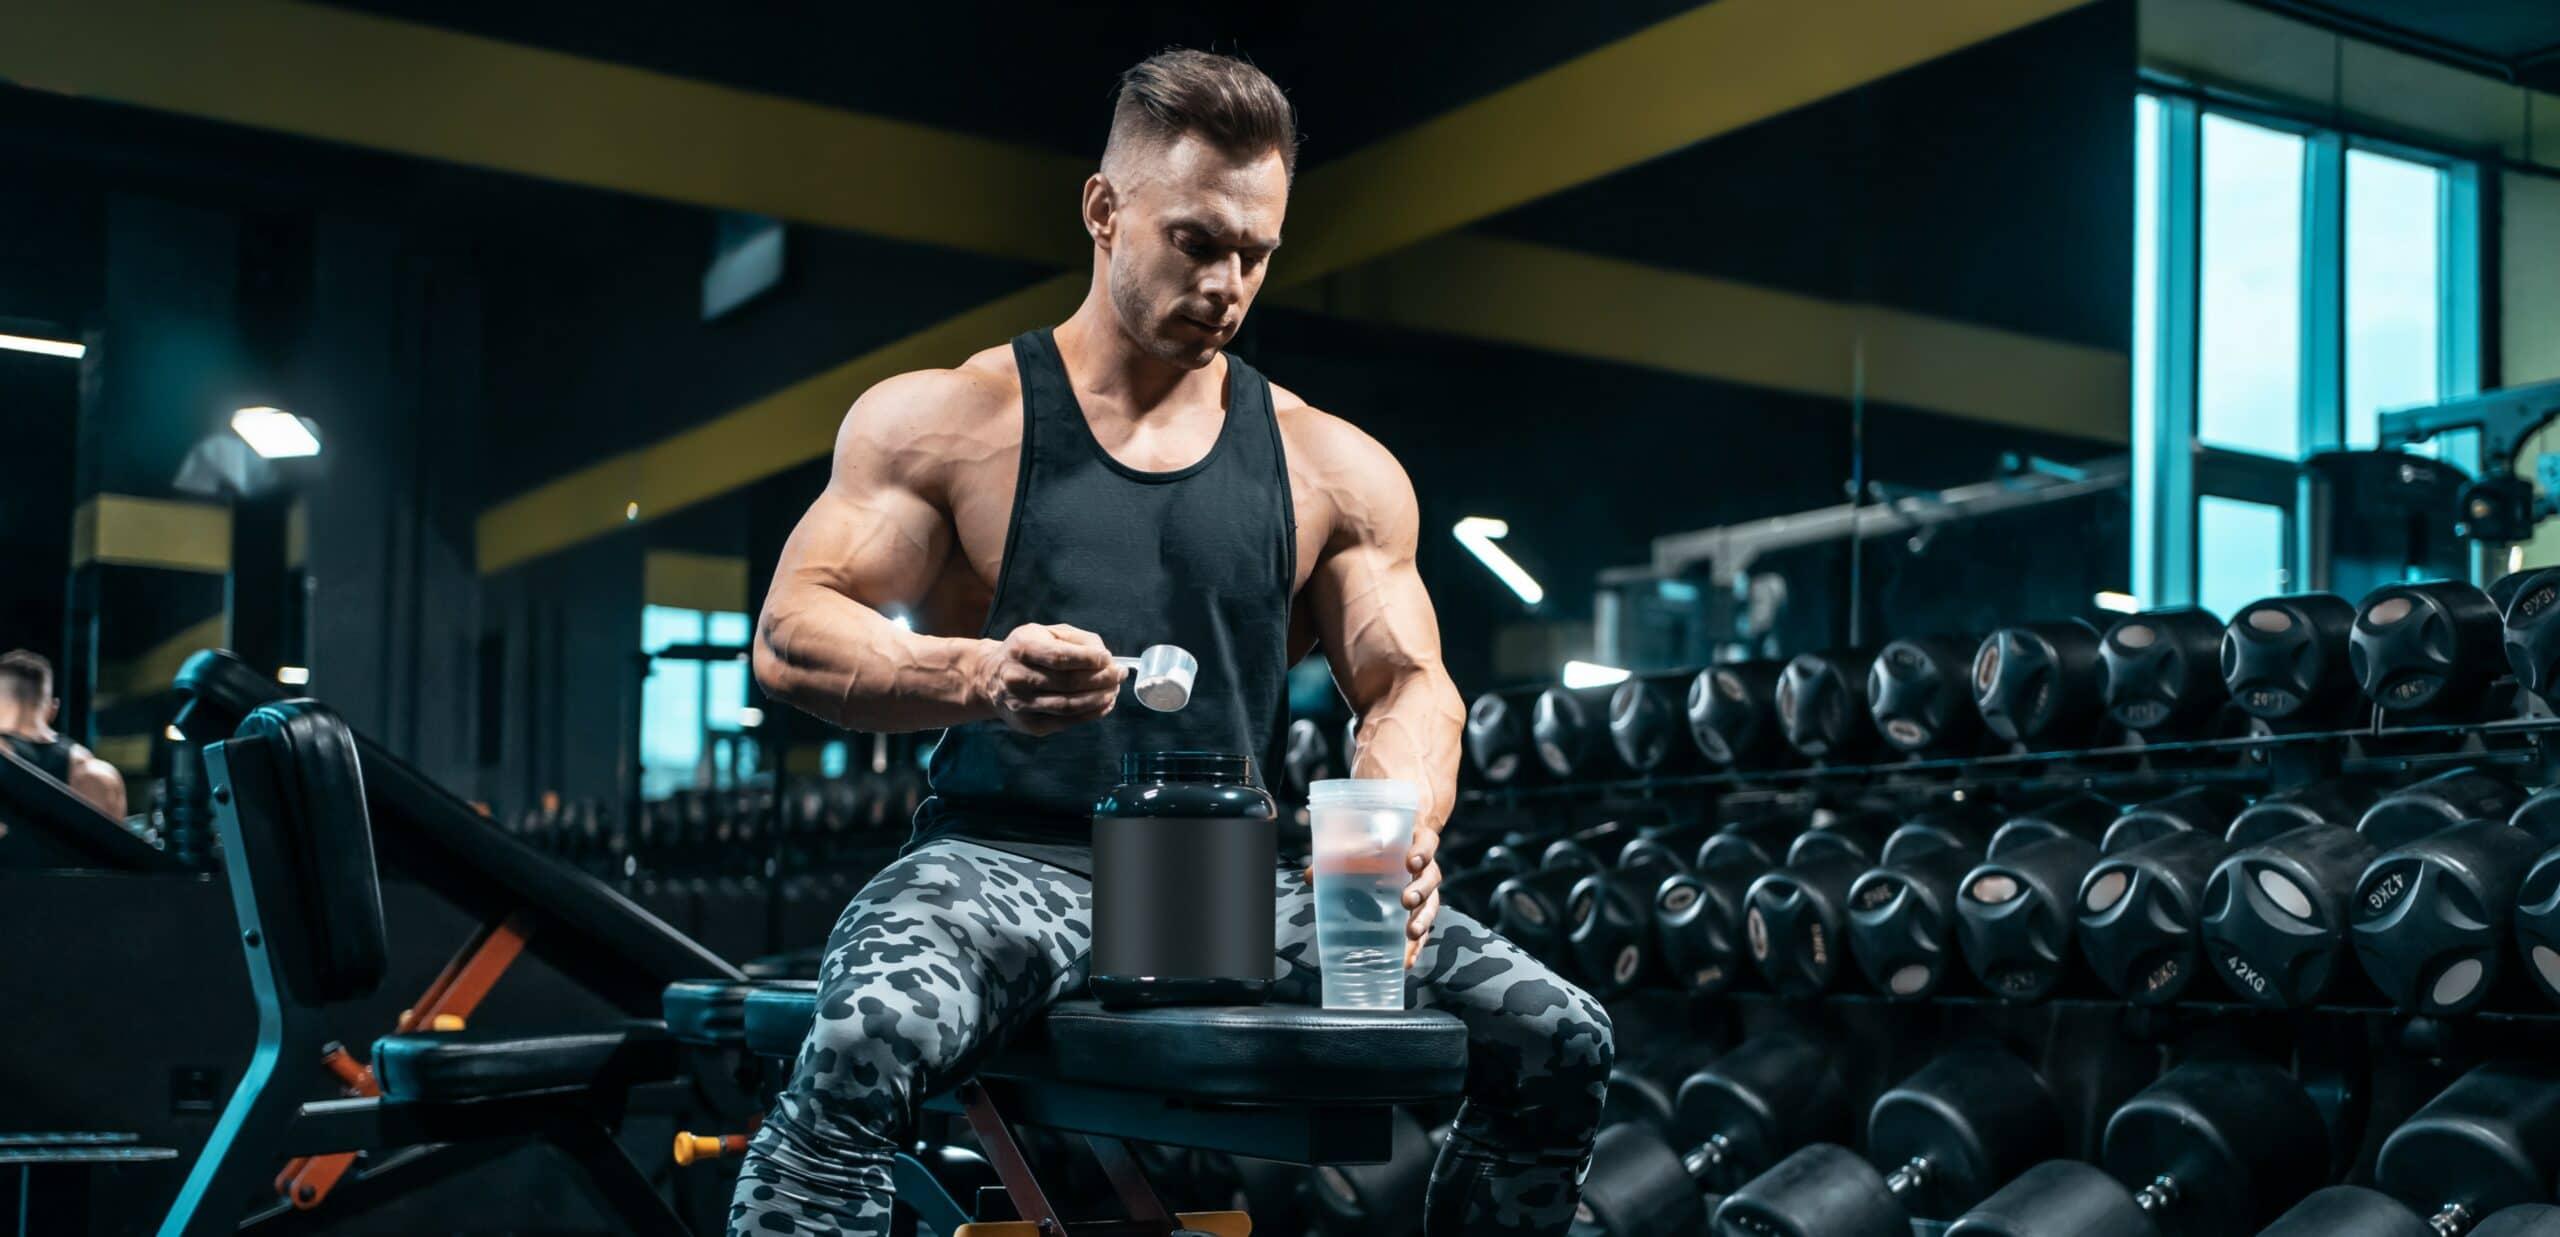 taurina integratore per la palestra e il bodybuilding